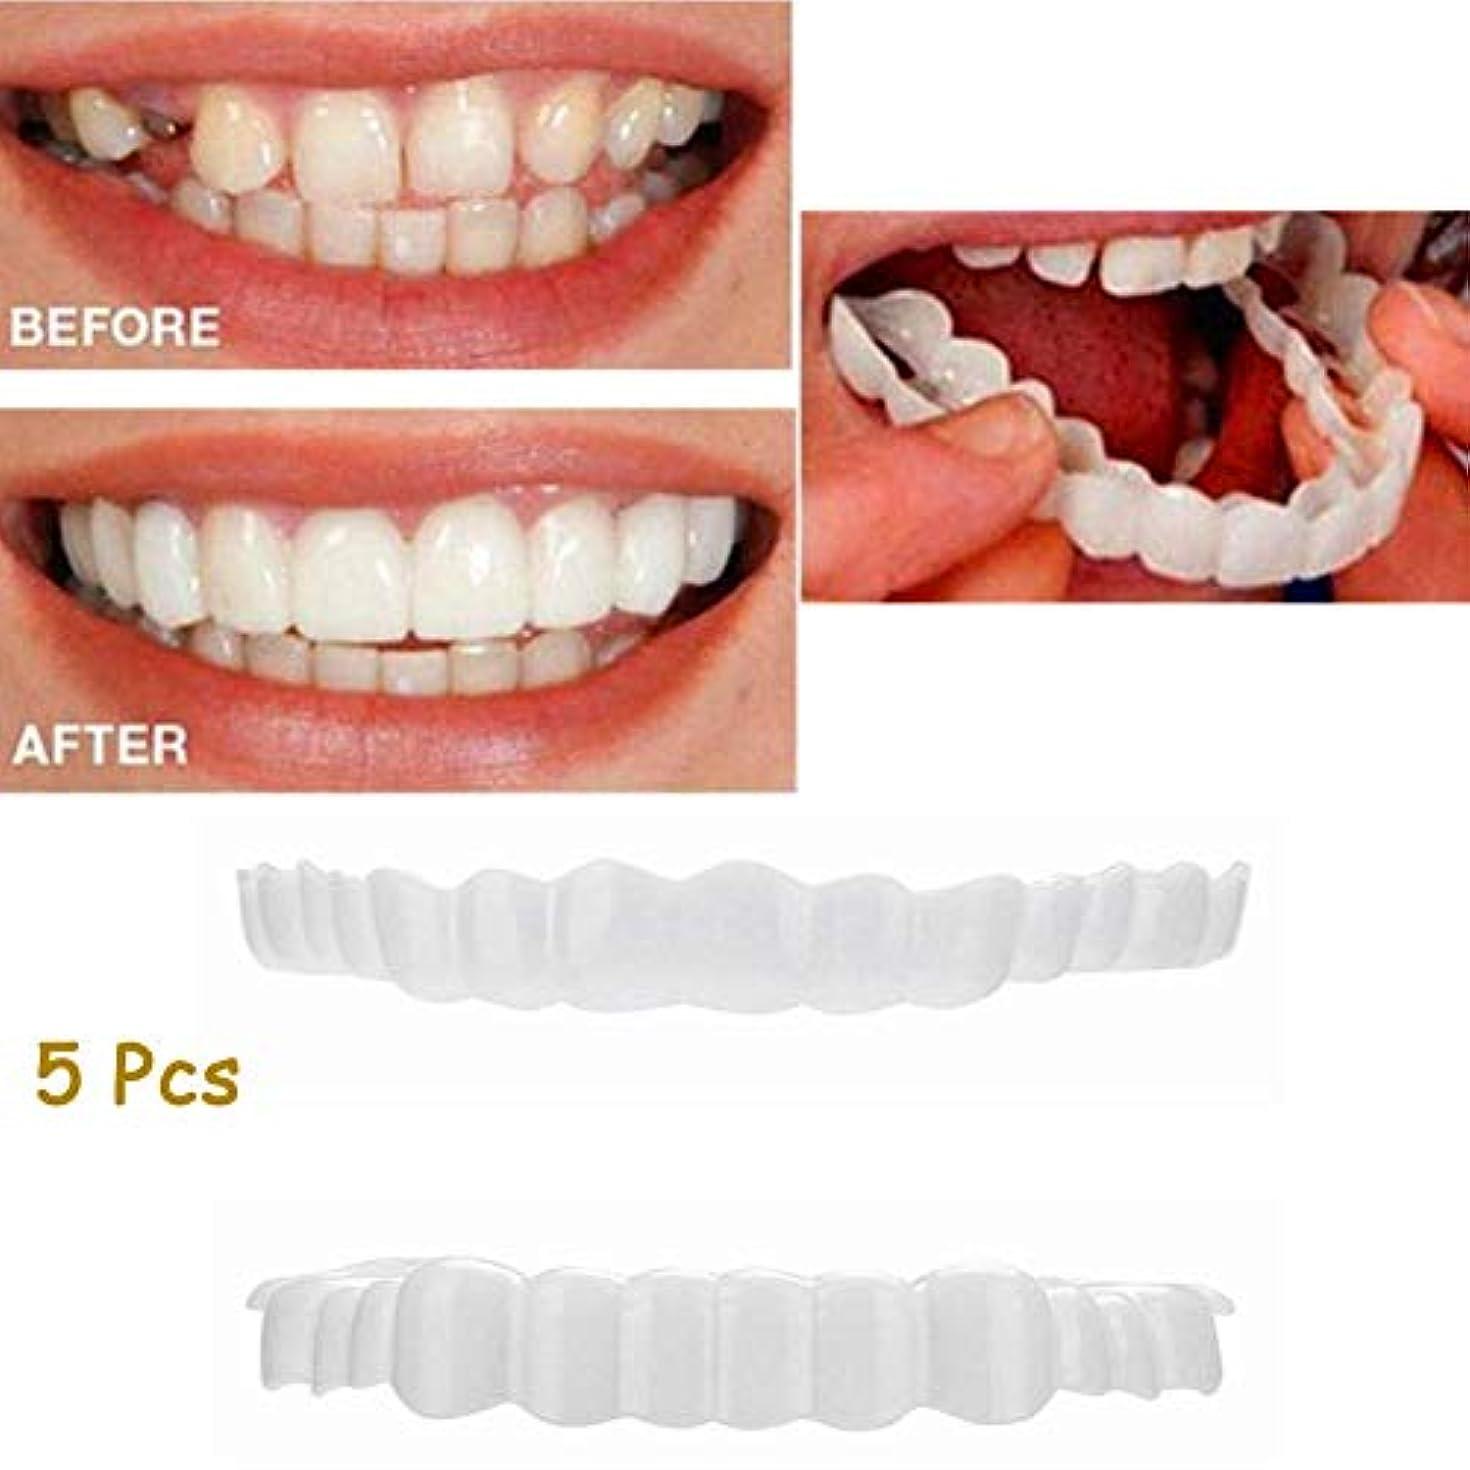 ニックネームスプーンブランド名5本の上歯+下歯セット偽の歯を白くする完璧な化粧品の歯